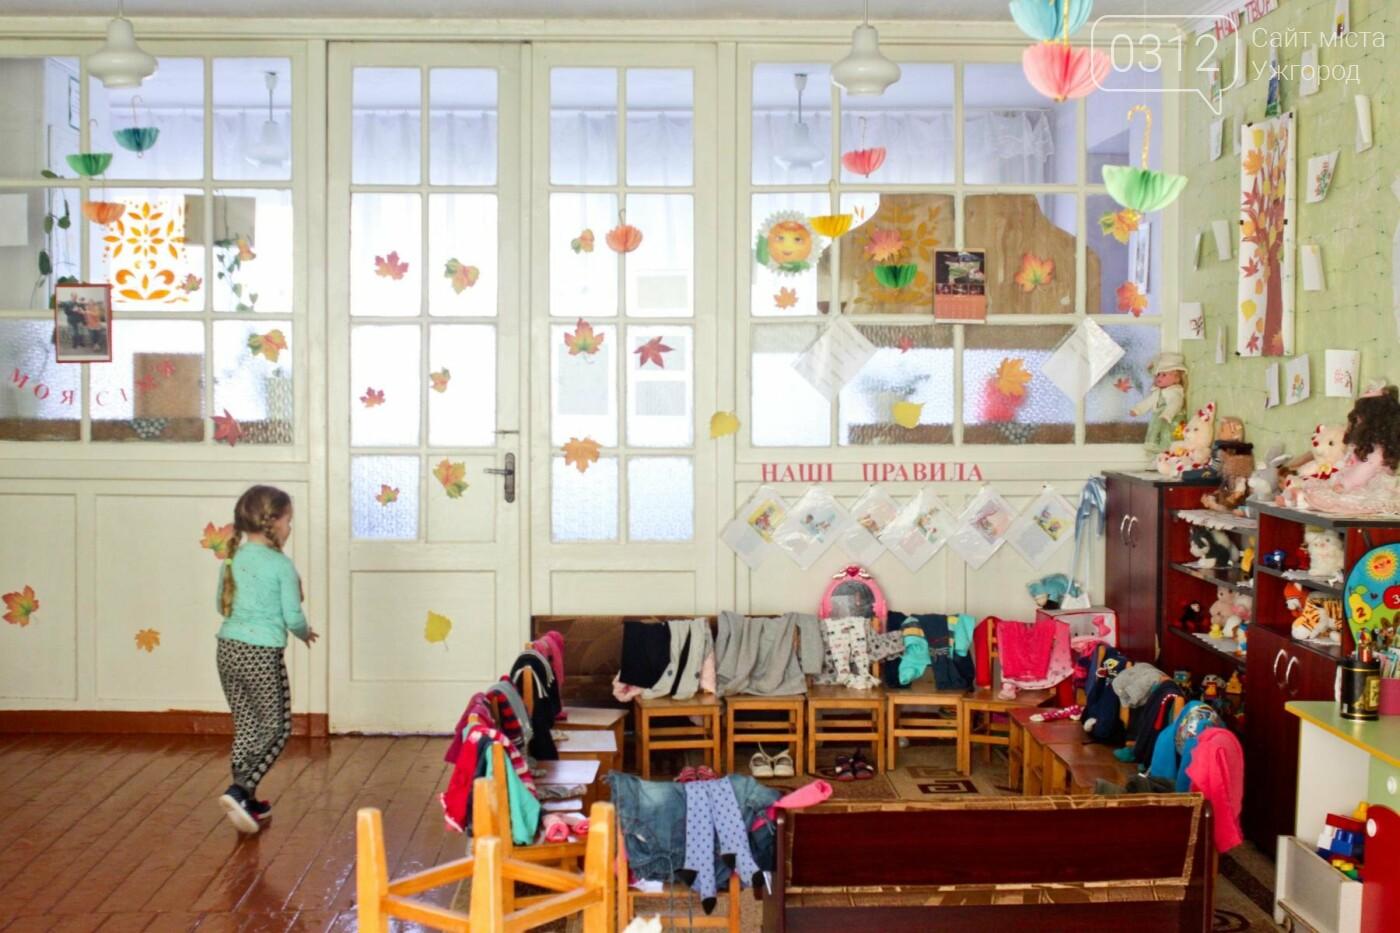 Чи тепло в приміщенні ужгородських дитсадків: фоторепортаж, фото-1